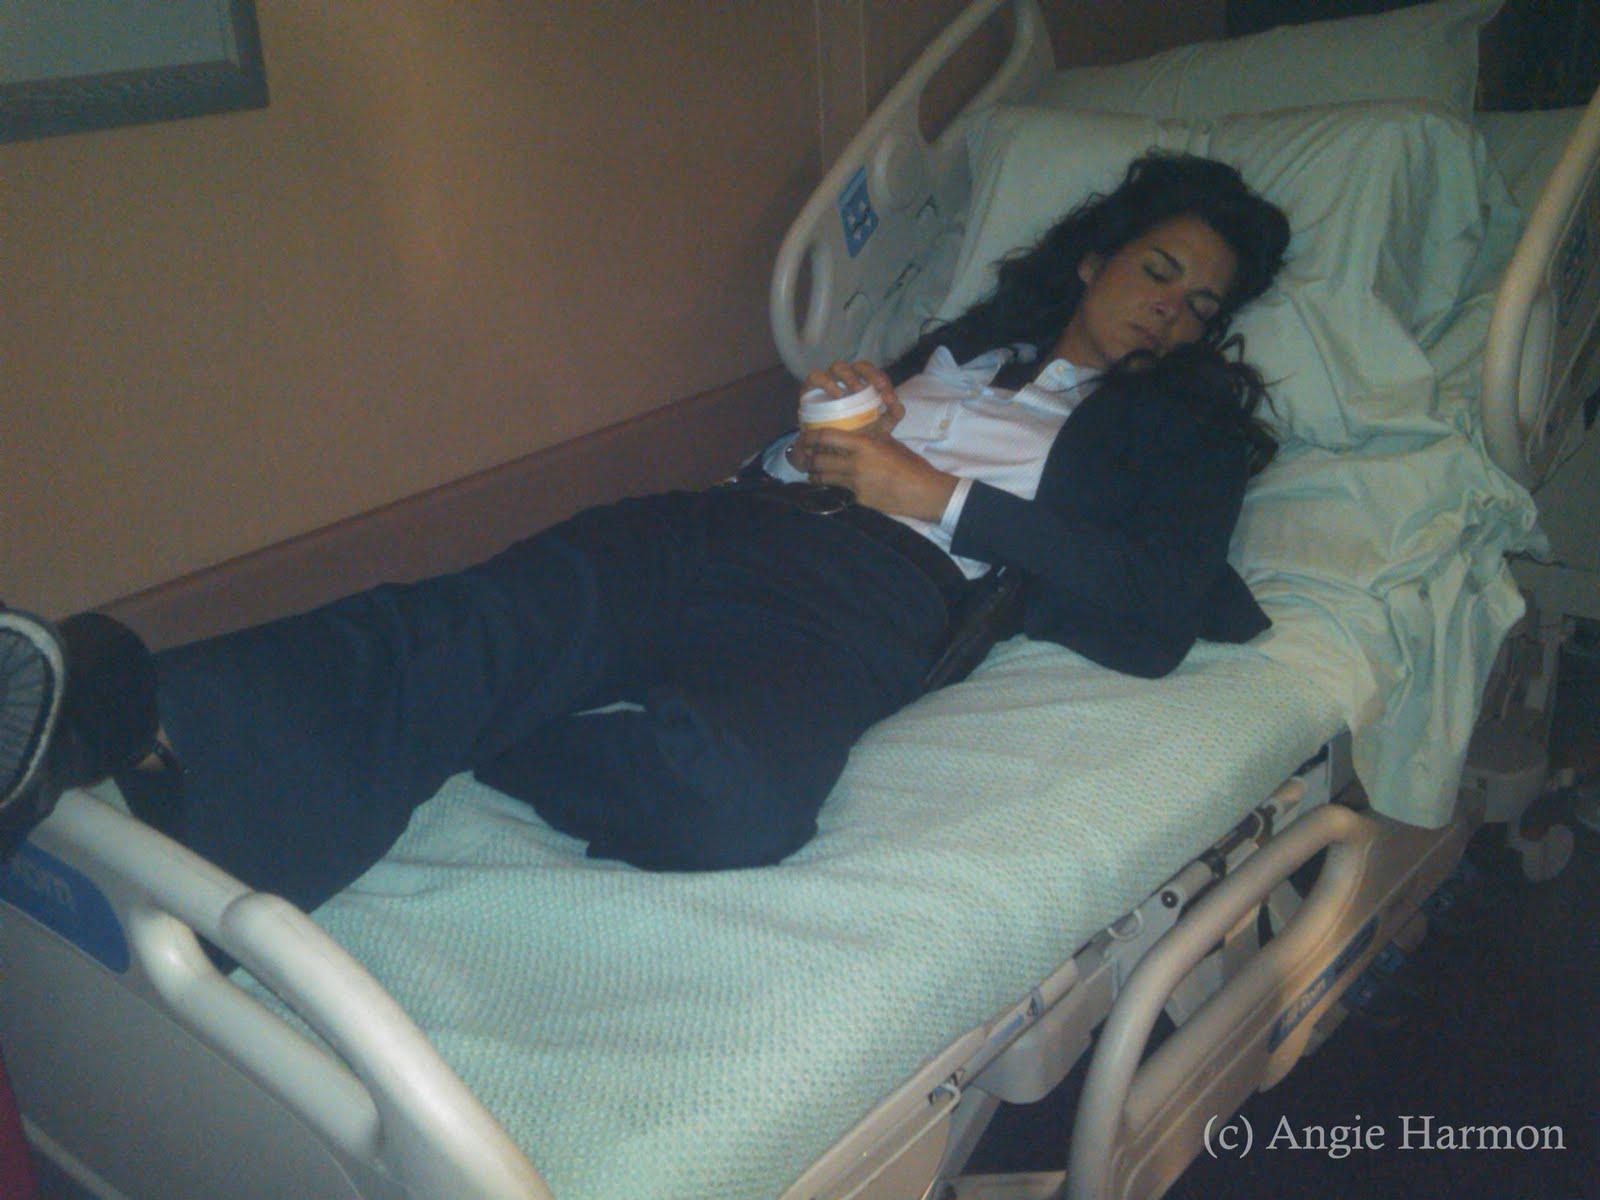 http://2.bp.blogspot.com/-r9JHWmPvK3Y/TgE9h99OWLI/AAAAAAAAAJk/yvEzc8auGDk/s1600/onset_6-21-11_AngieSleepingHospitalBed.jpg